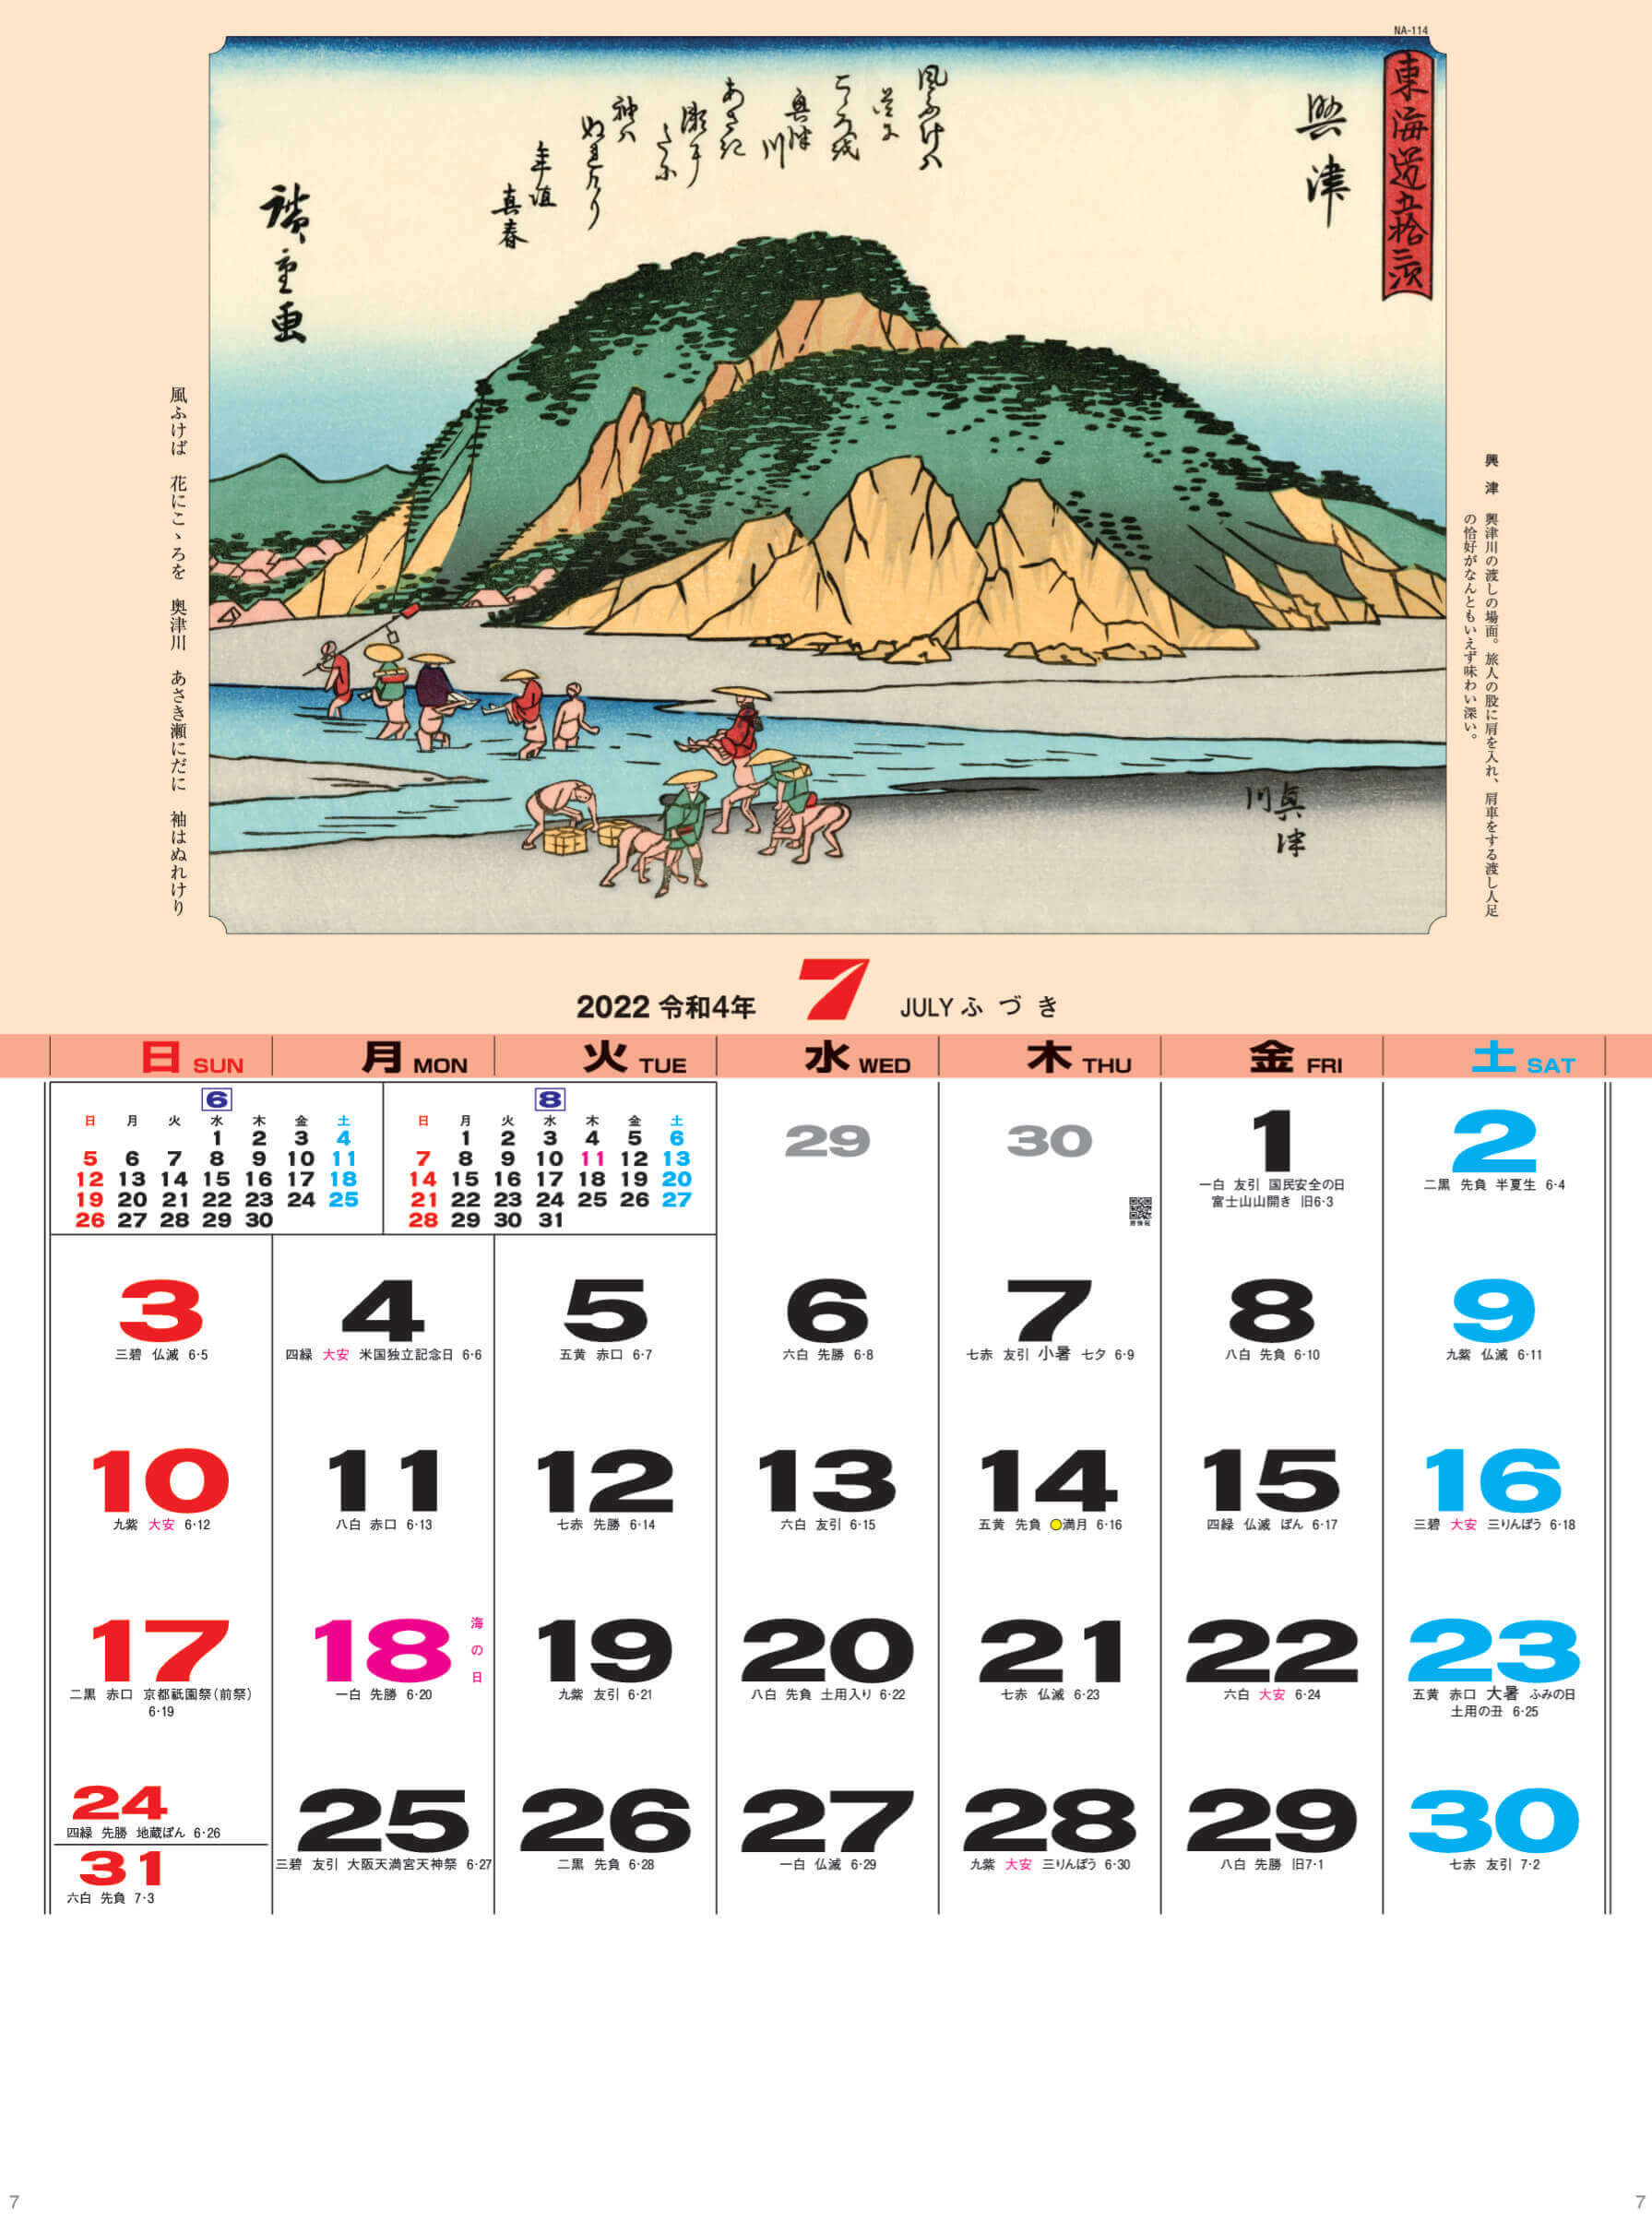 興津 広重 東海道五十三次 2022年カレンダーの画像